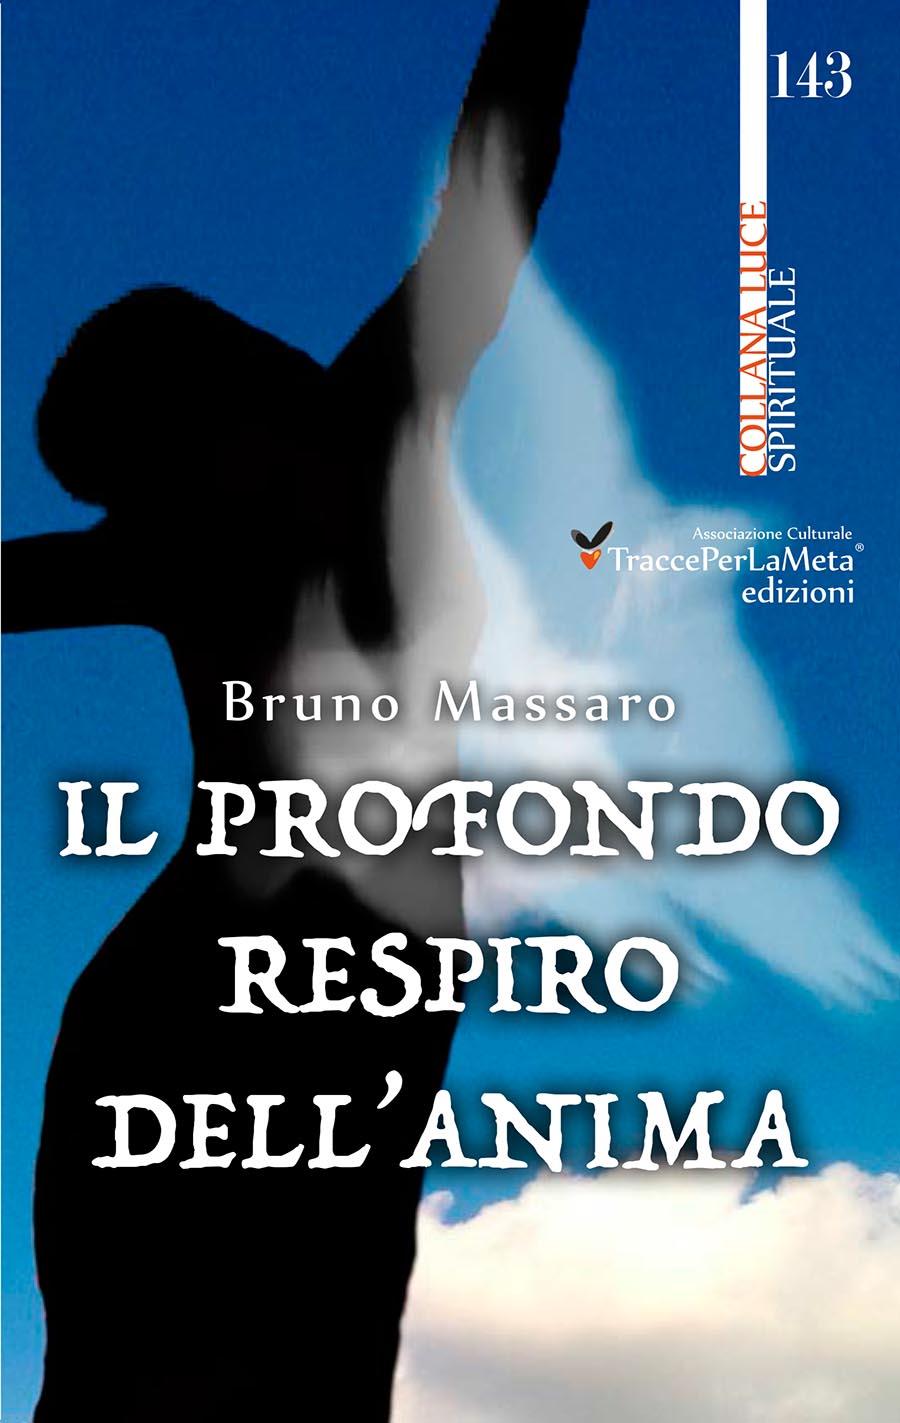 """""""Il Profondo Respiro dell'Anima"""" di Bruno Massaro, un'opera che rappresenta un percorso di ricerca della Consapevolezza"""